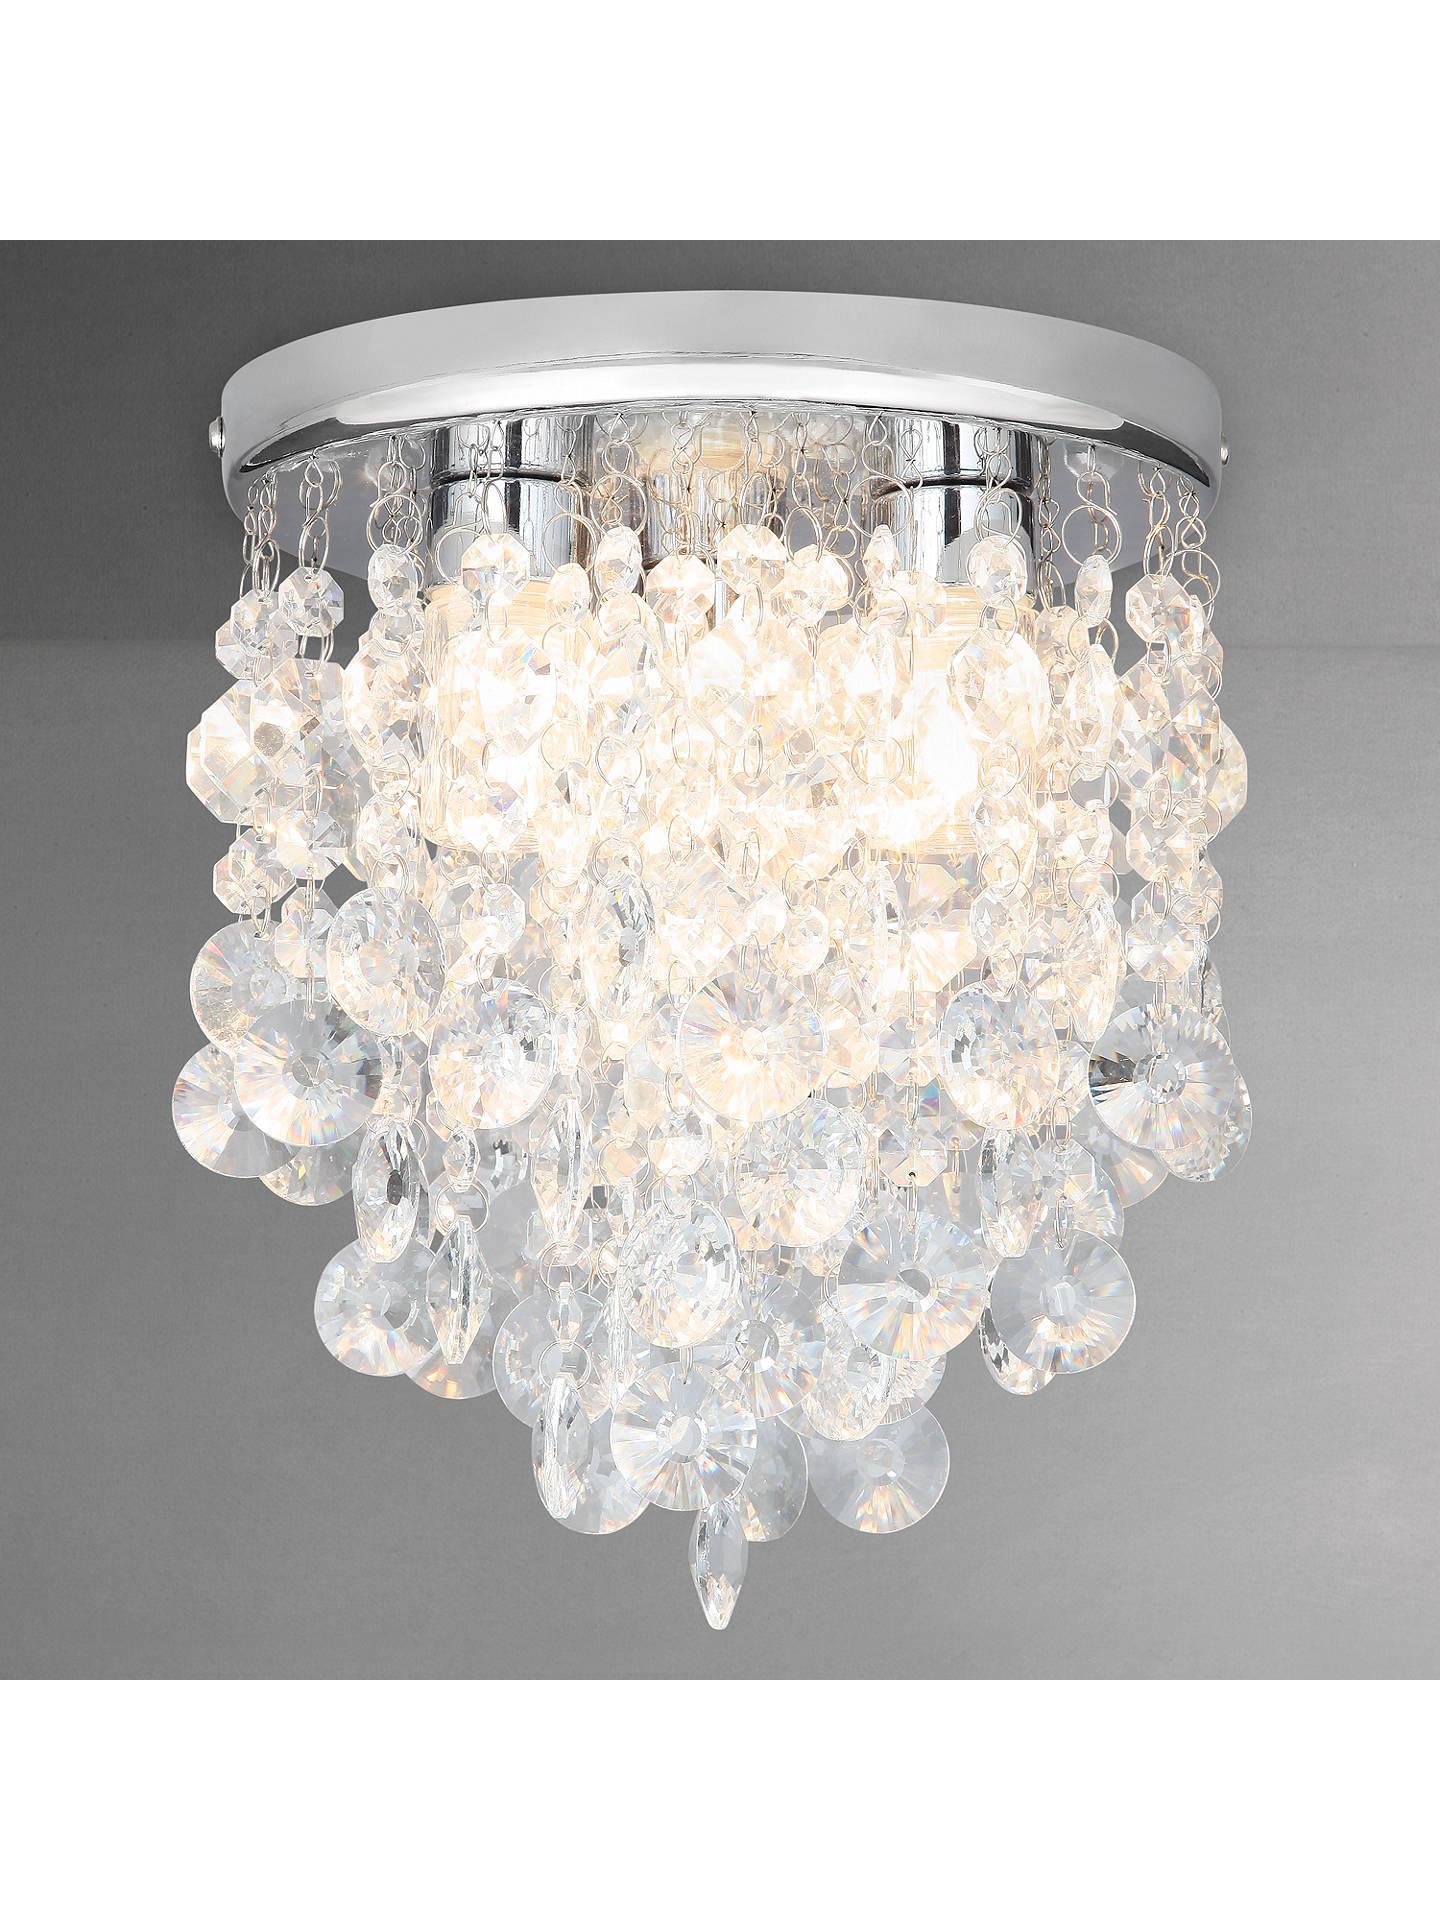 John Lewis Partners Katelyn Crystal Bathroom Flush Ceiling Light